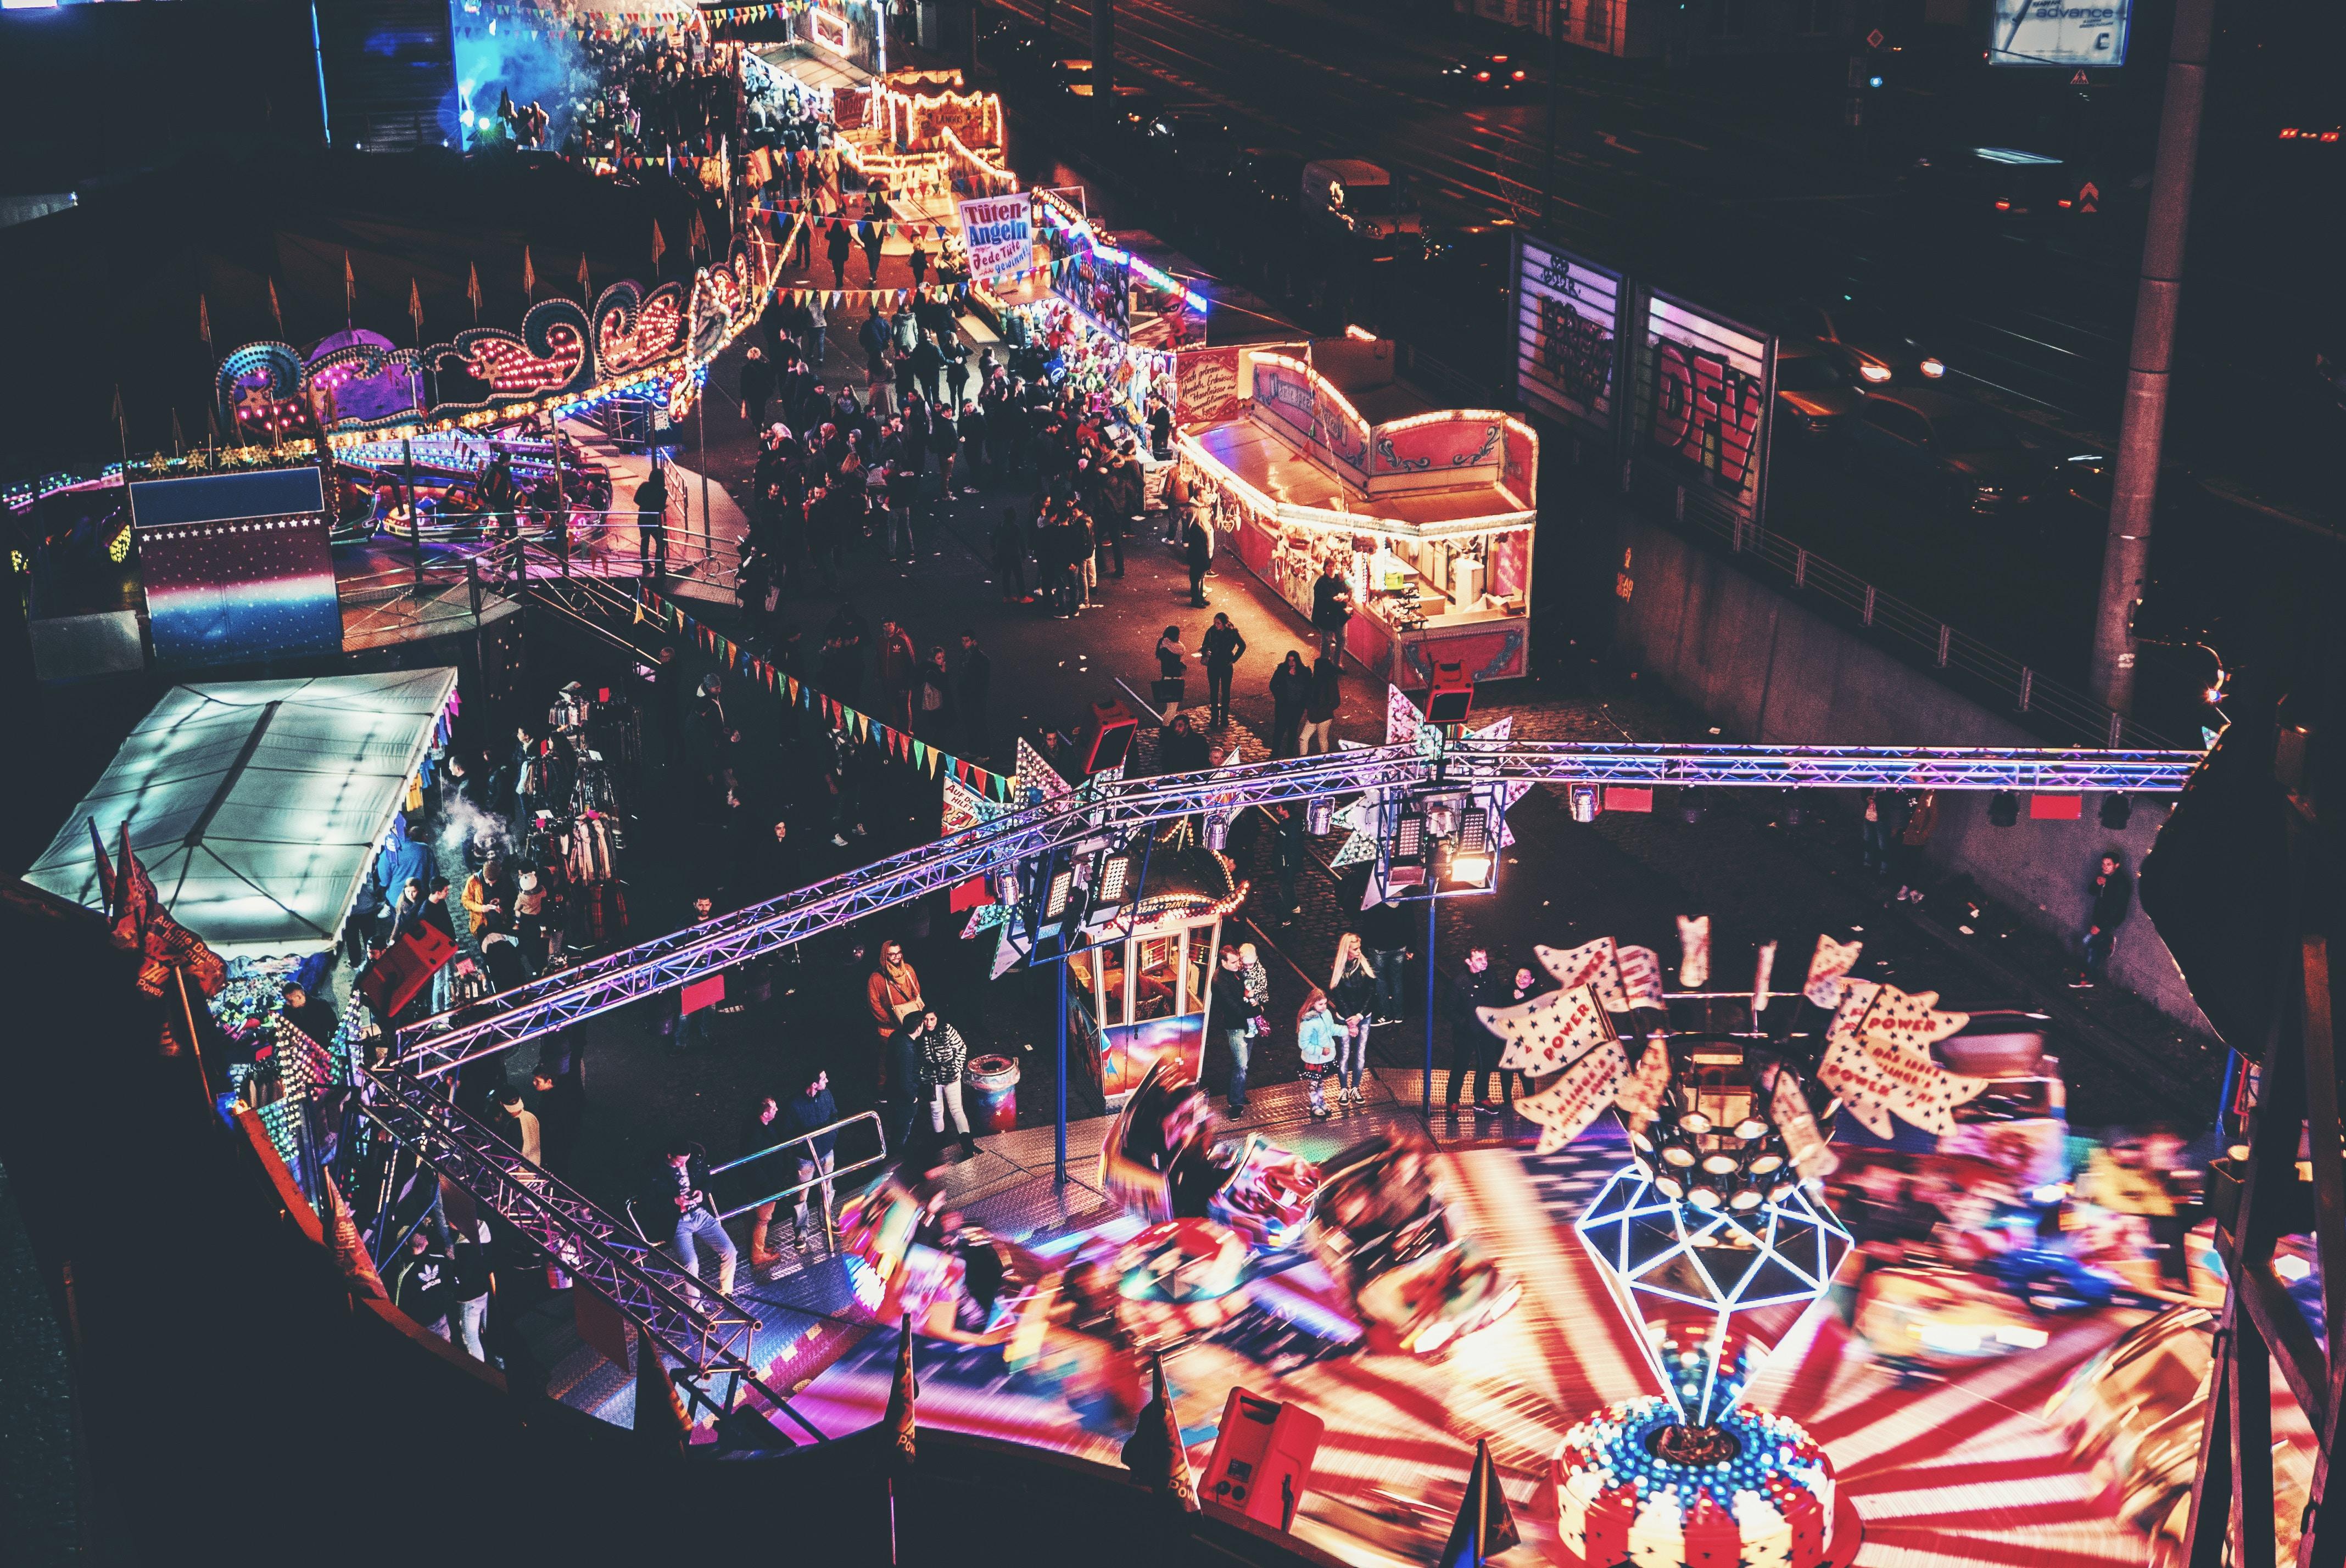 Karnevalsfest in Köln bei Nacht